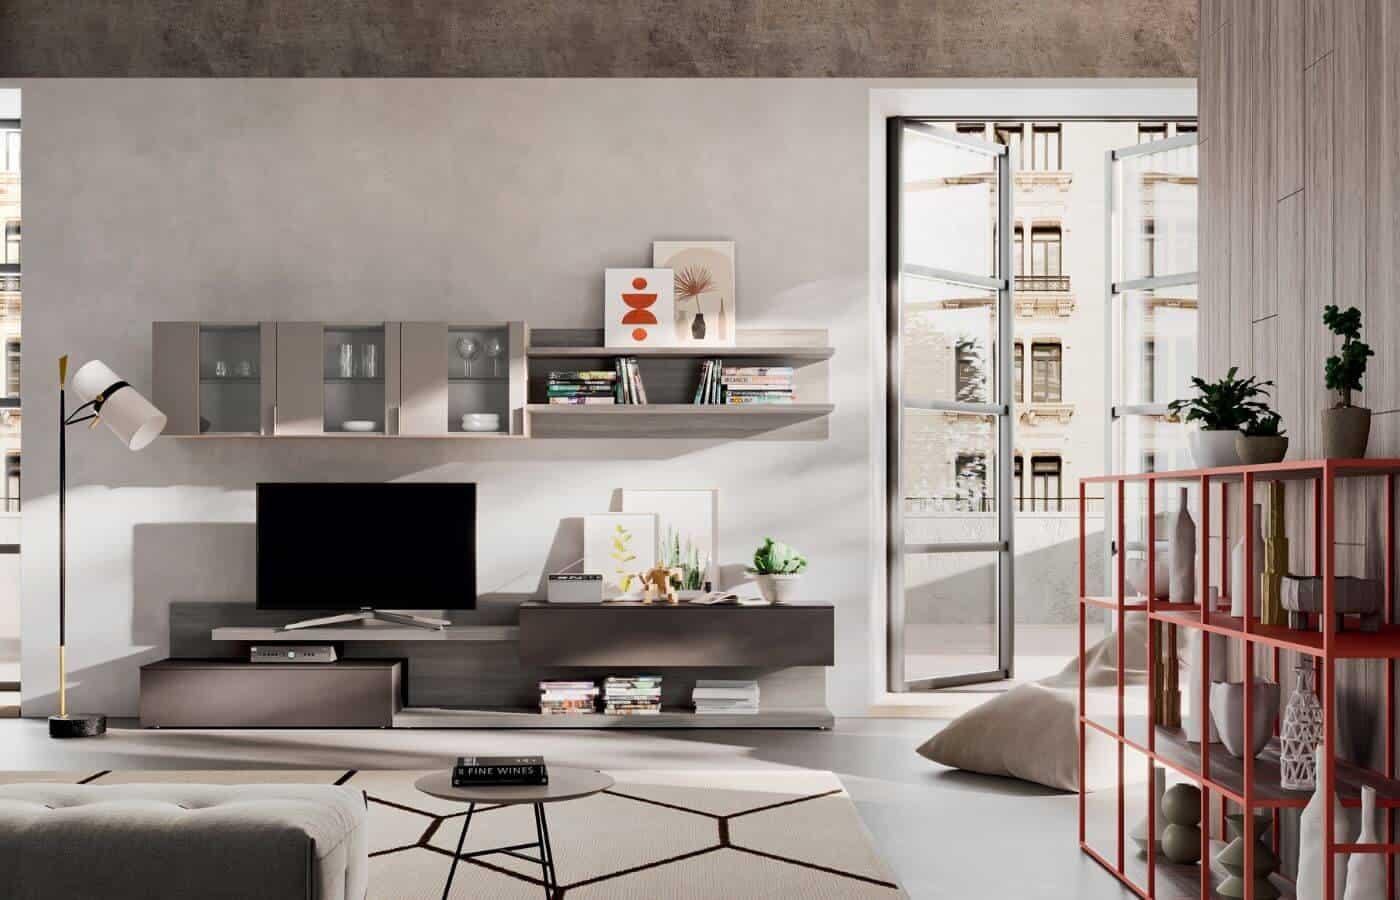 zona-giorno-parete-attrezzata-collezione-jersey-il-mobile (3)